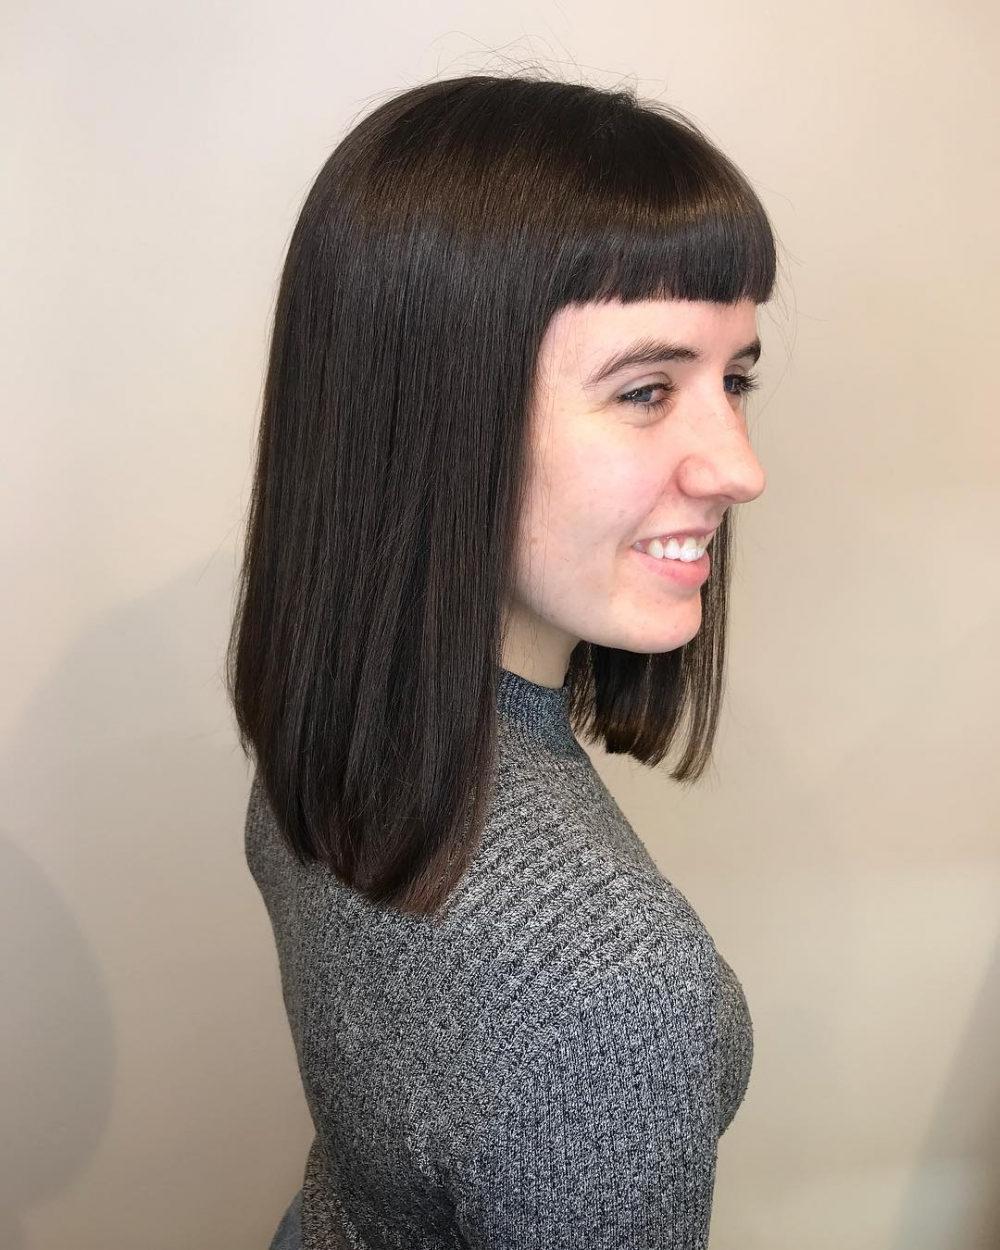 53 Popular Medium Length Hairstyles With Bangs In 2019 Throughout Most Popular Medium Hairstyles With Wispy Bangs (Gallery 18 of 20)